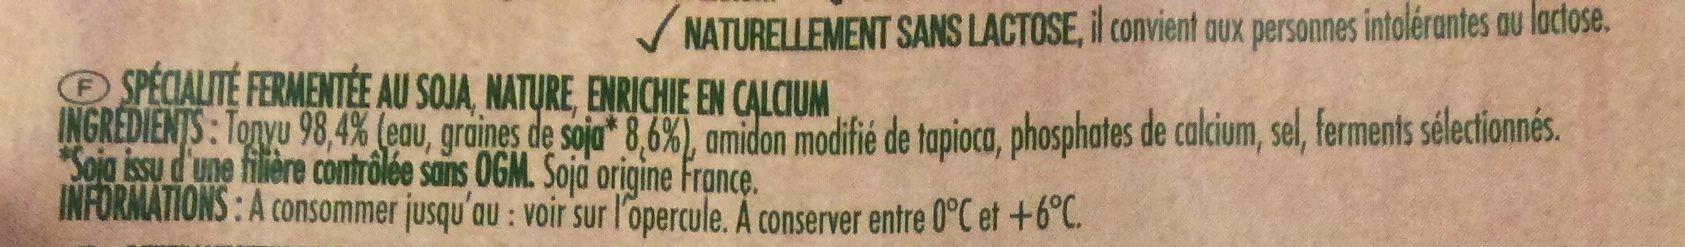 Soja nature - spécialité végétale - Ingrédients - fr